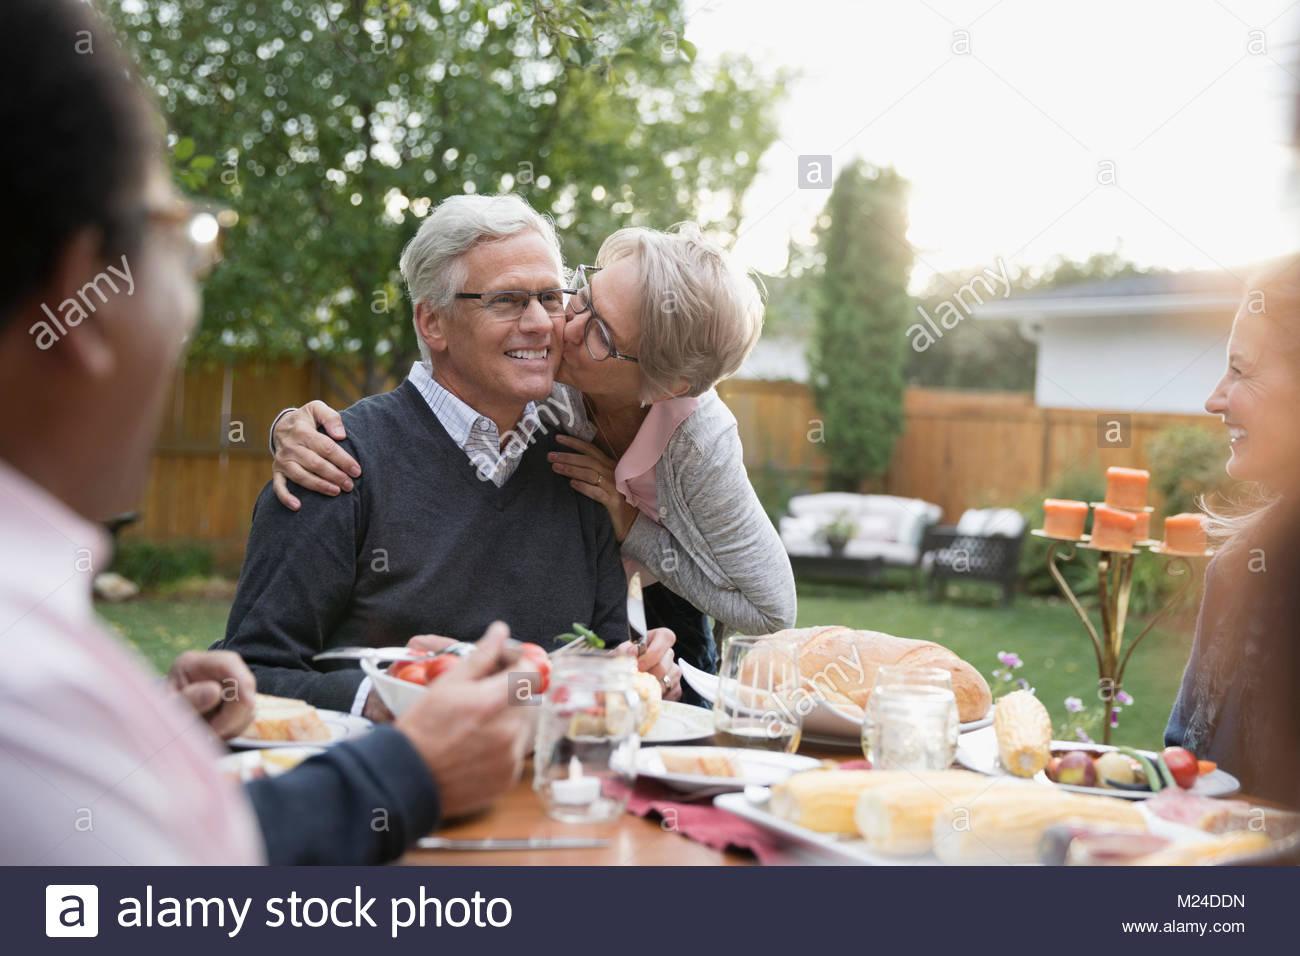 Liebevolle ältere Frau Mann Küssen auf die Wange an Garden Party Mittagessen Terrasse Tisch Stockbild